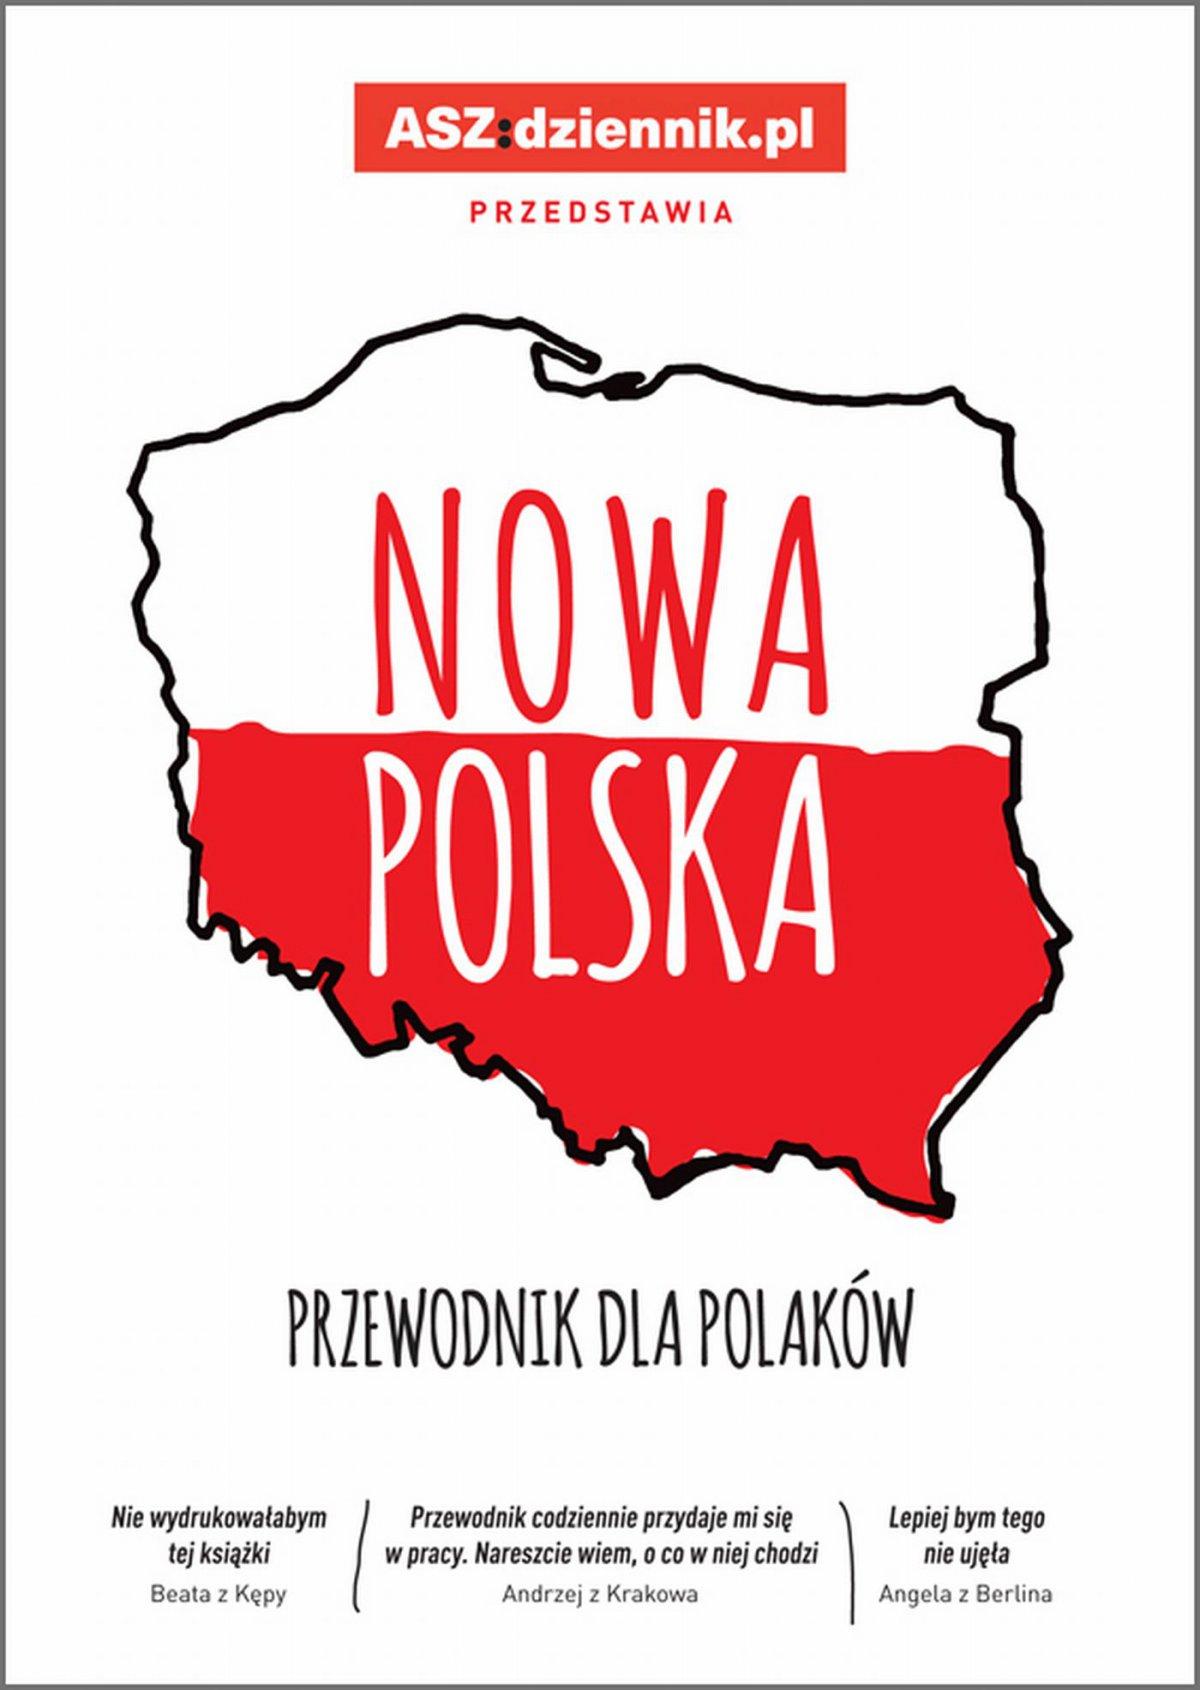 Nowa Polska. Przewodnik dla Polaków - Ebook (Książka na Kindle) do pobrania w formacie MOBI